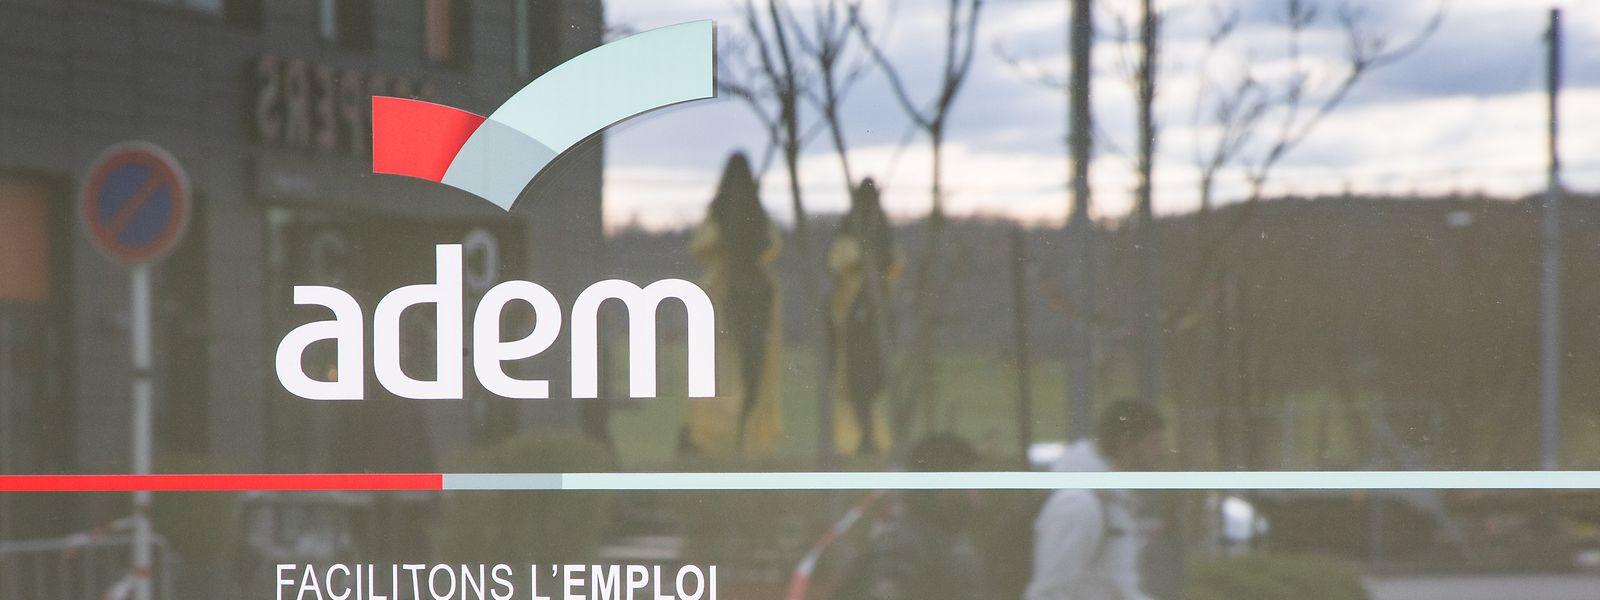 Selon le dernier décompte officiel, ce sont pas moins de 14.700 entreprises qui ont bénéficié du chômage partiel, pour un total de 860 millions d'euros d'avances versées.